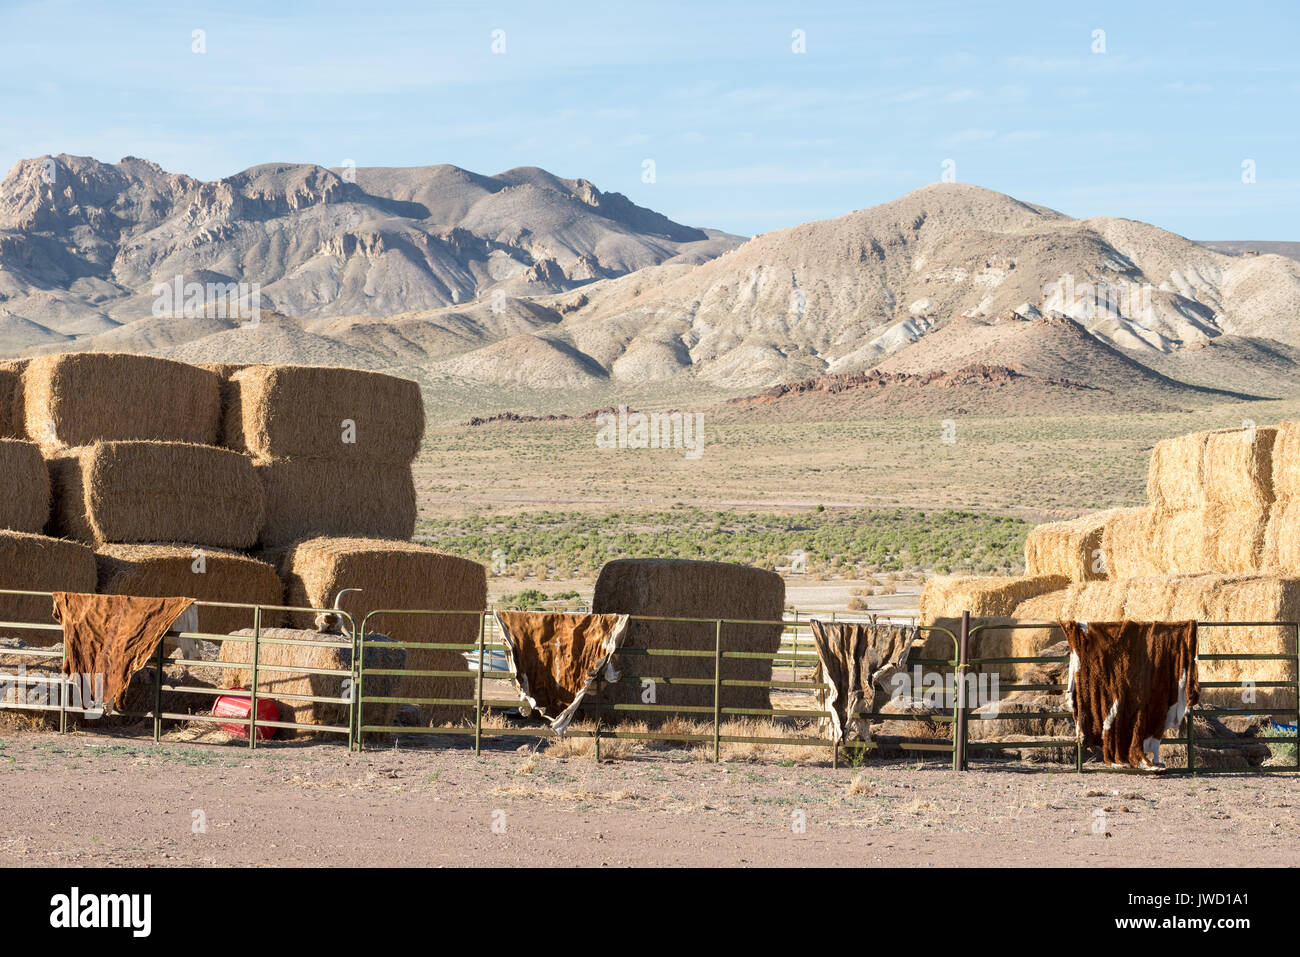 Kuhhäute trocknen auf Panels auf einer Ranch in der Wüste von Nevada corral. Stockbild